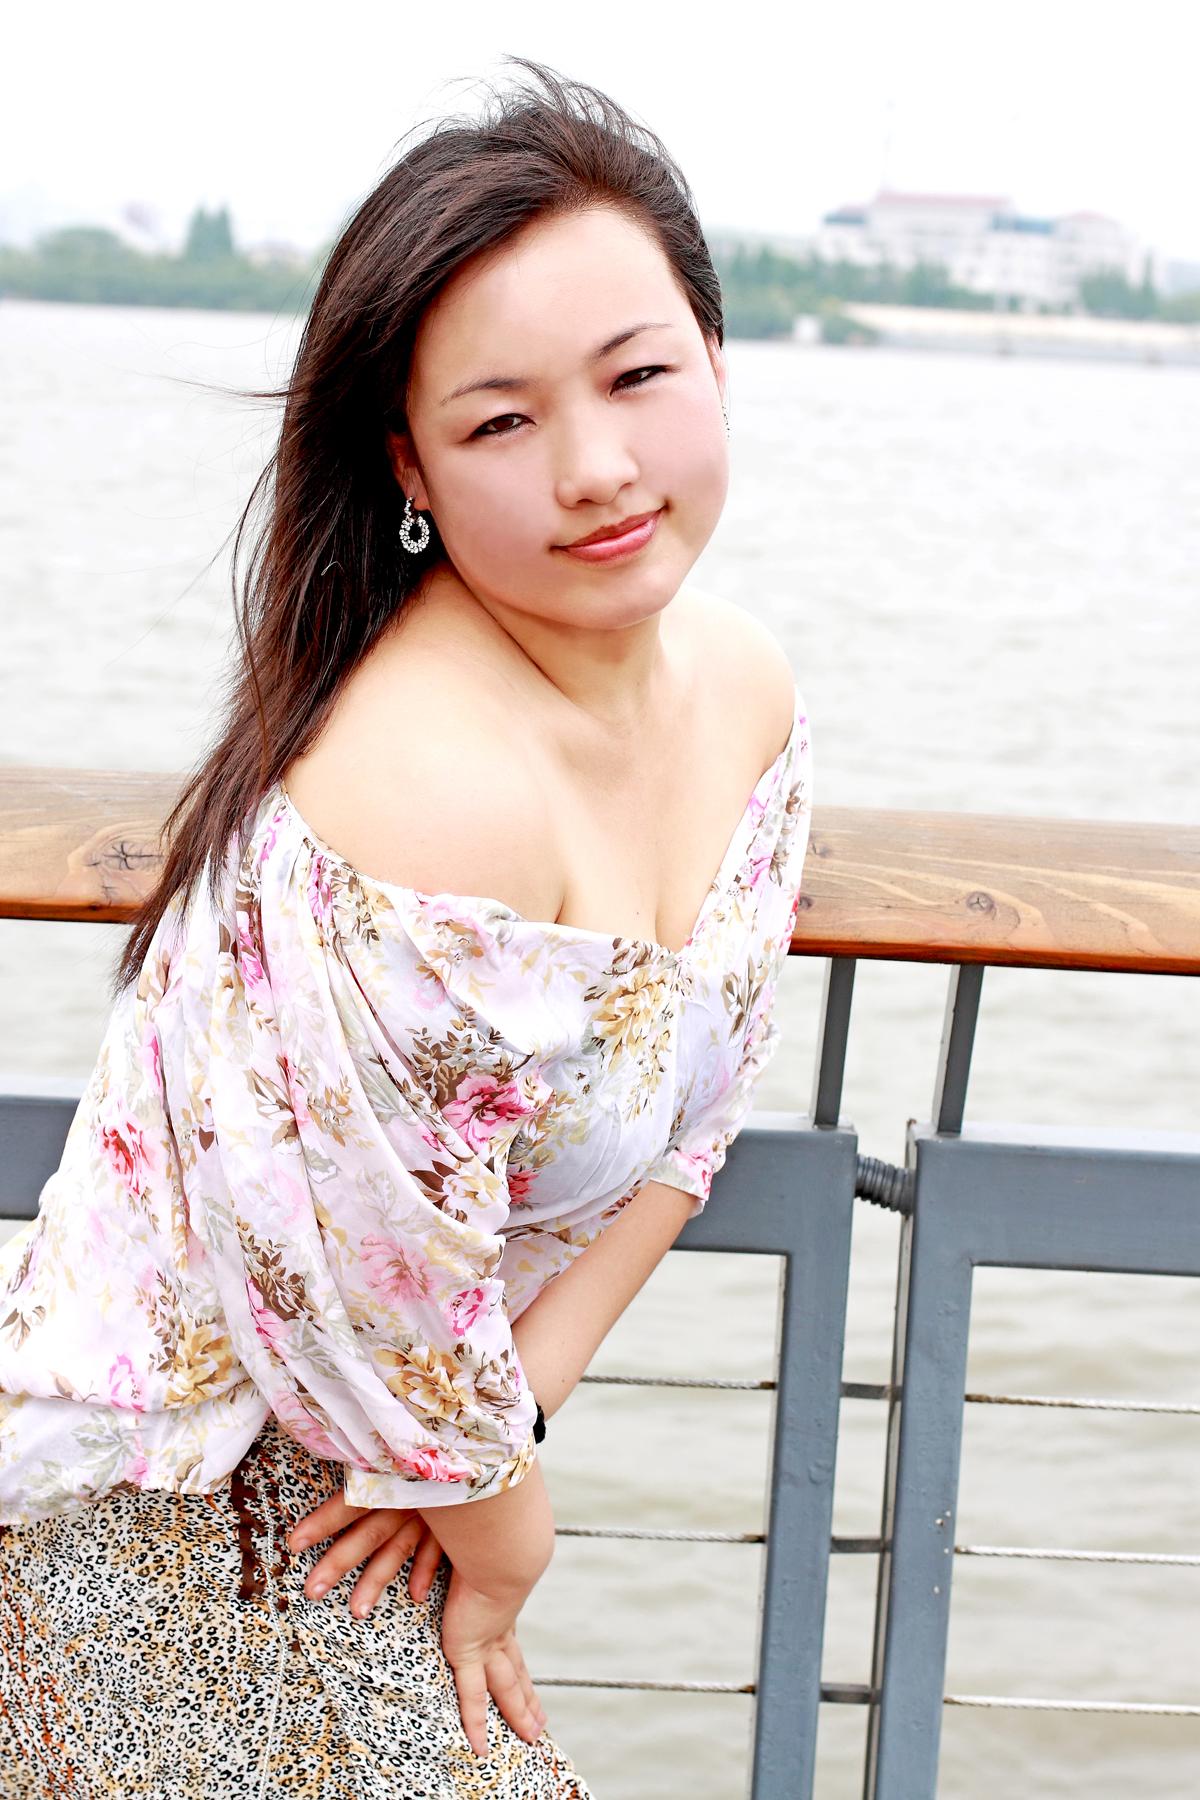 来自内蒙古草原的美女 燕燕mm高清图片